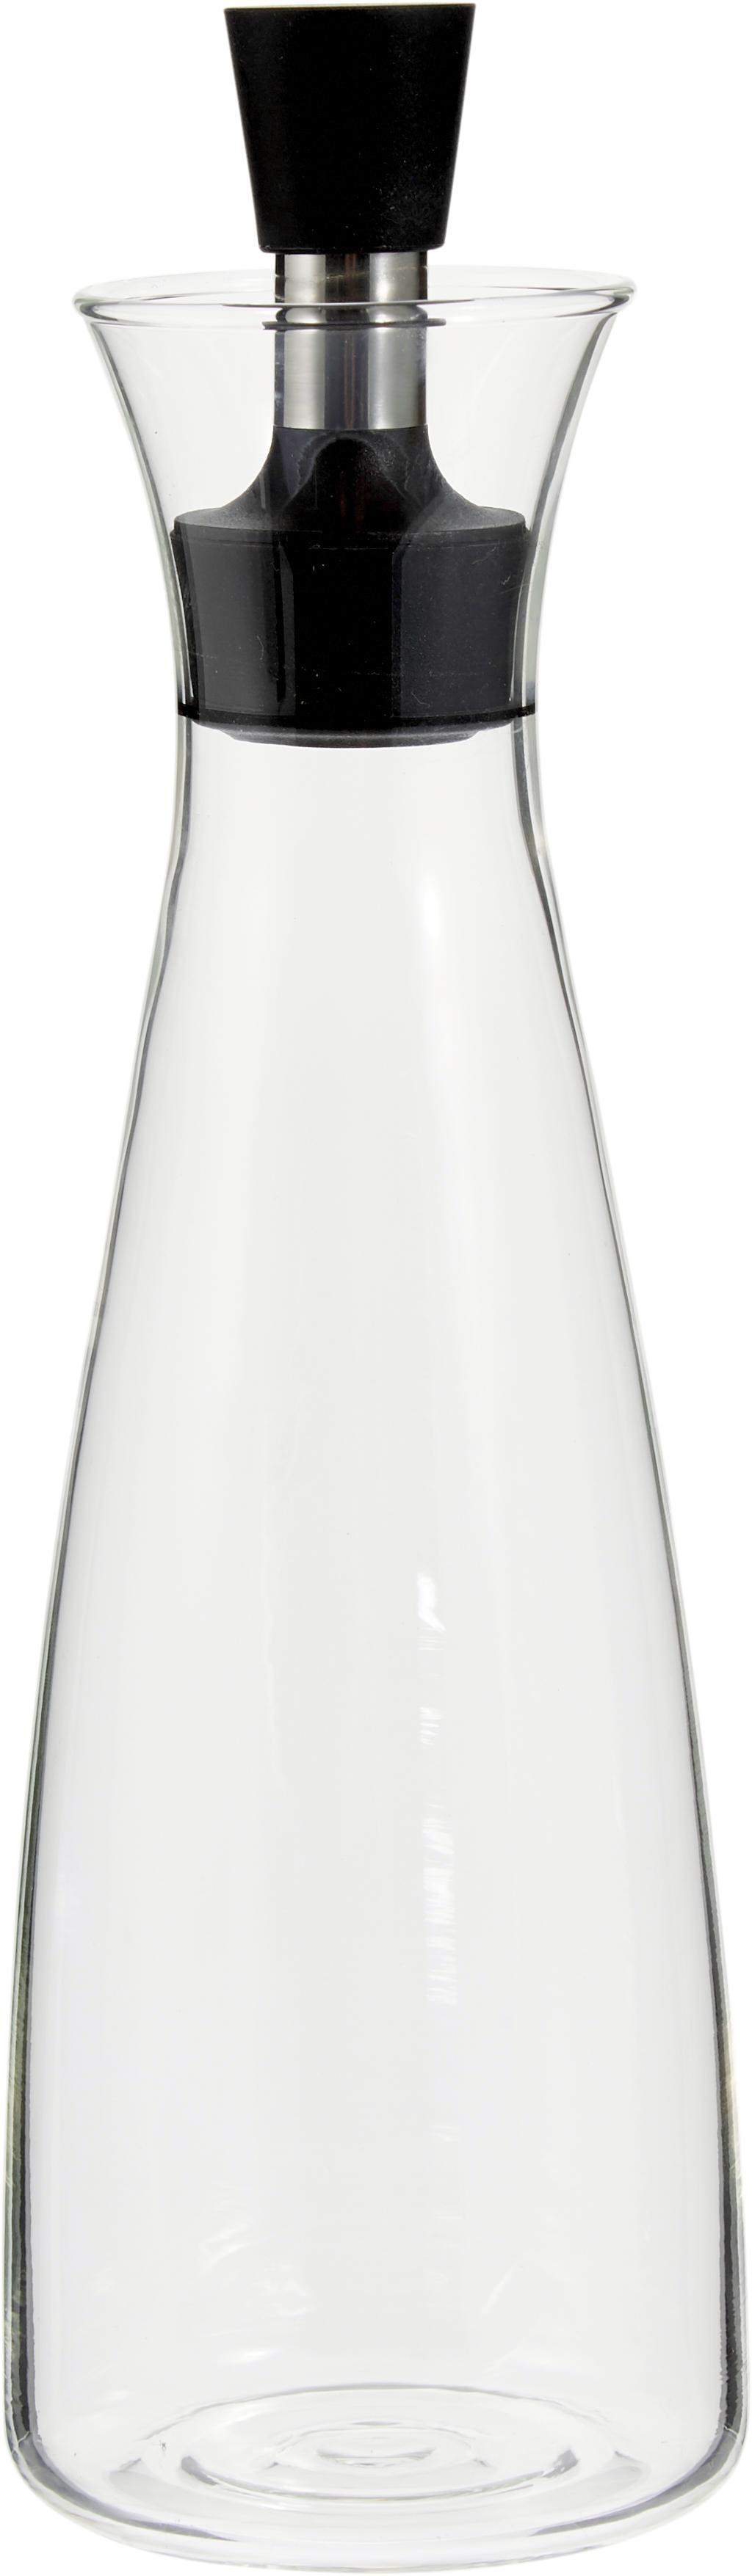 Oliera di design Eva Solo, Vetro, acciaio inossidabile, materiale sintetico, Trasparente, nero, acciaio inossidabile, 0.5 l